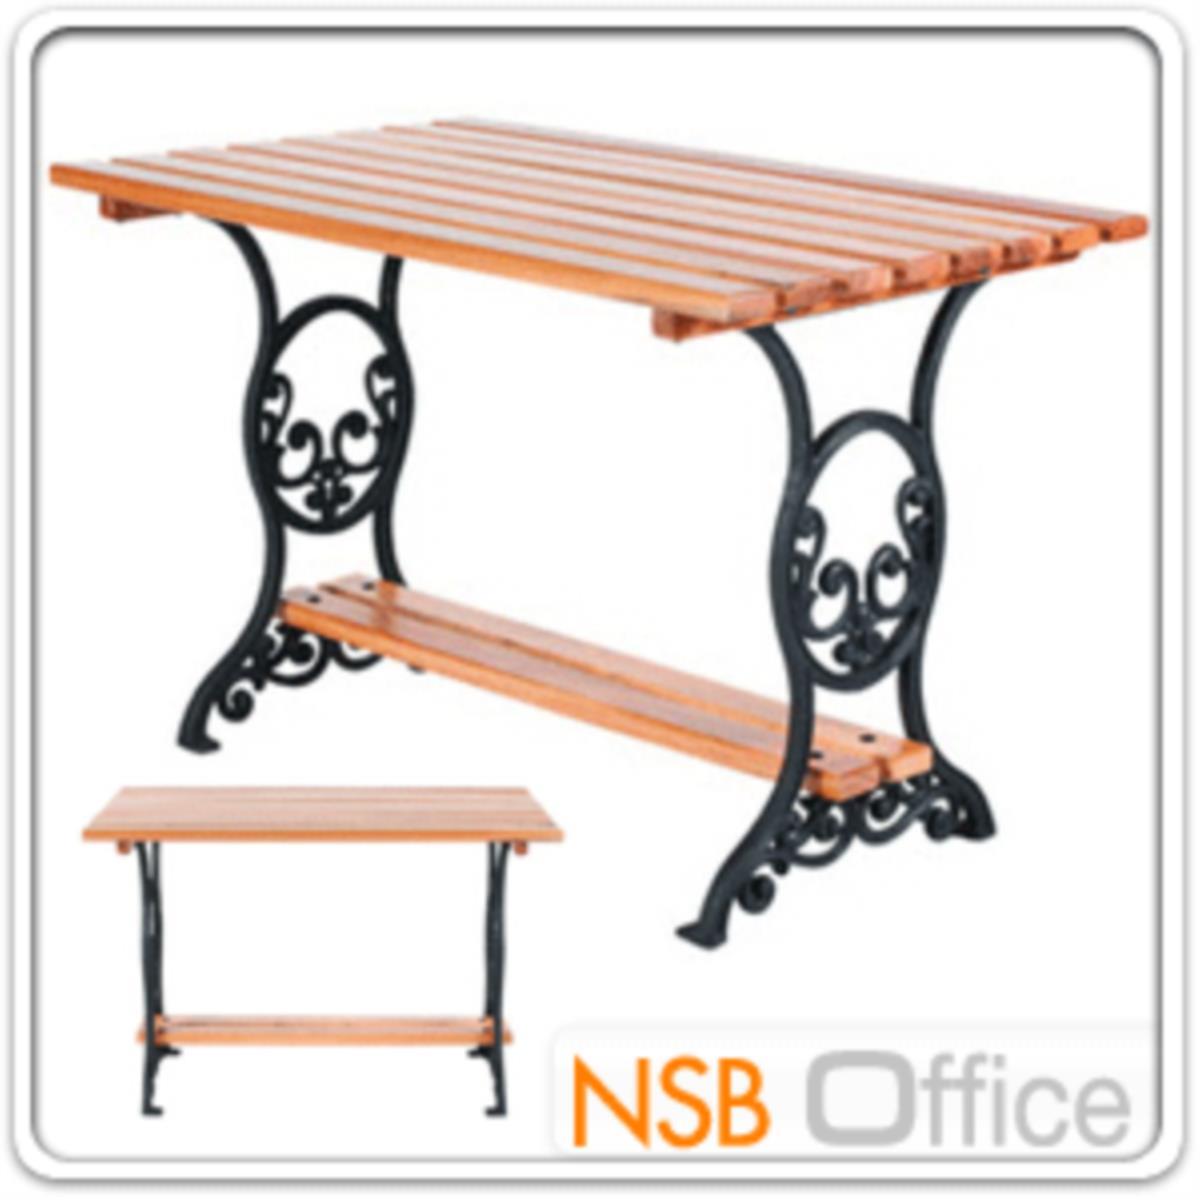 โต๊ะสนามไม้เต็ง เหล็กหล่อ กทม. BKK-TOO30 (100, 120, 150, 200 cm)